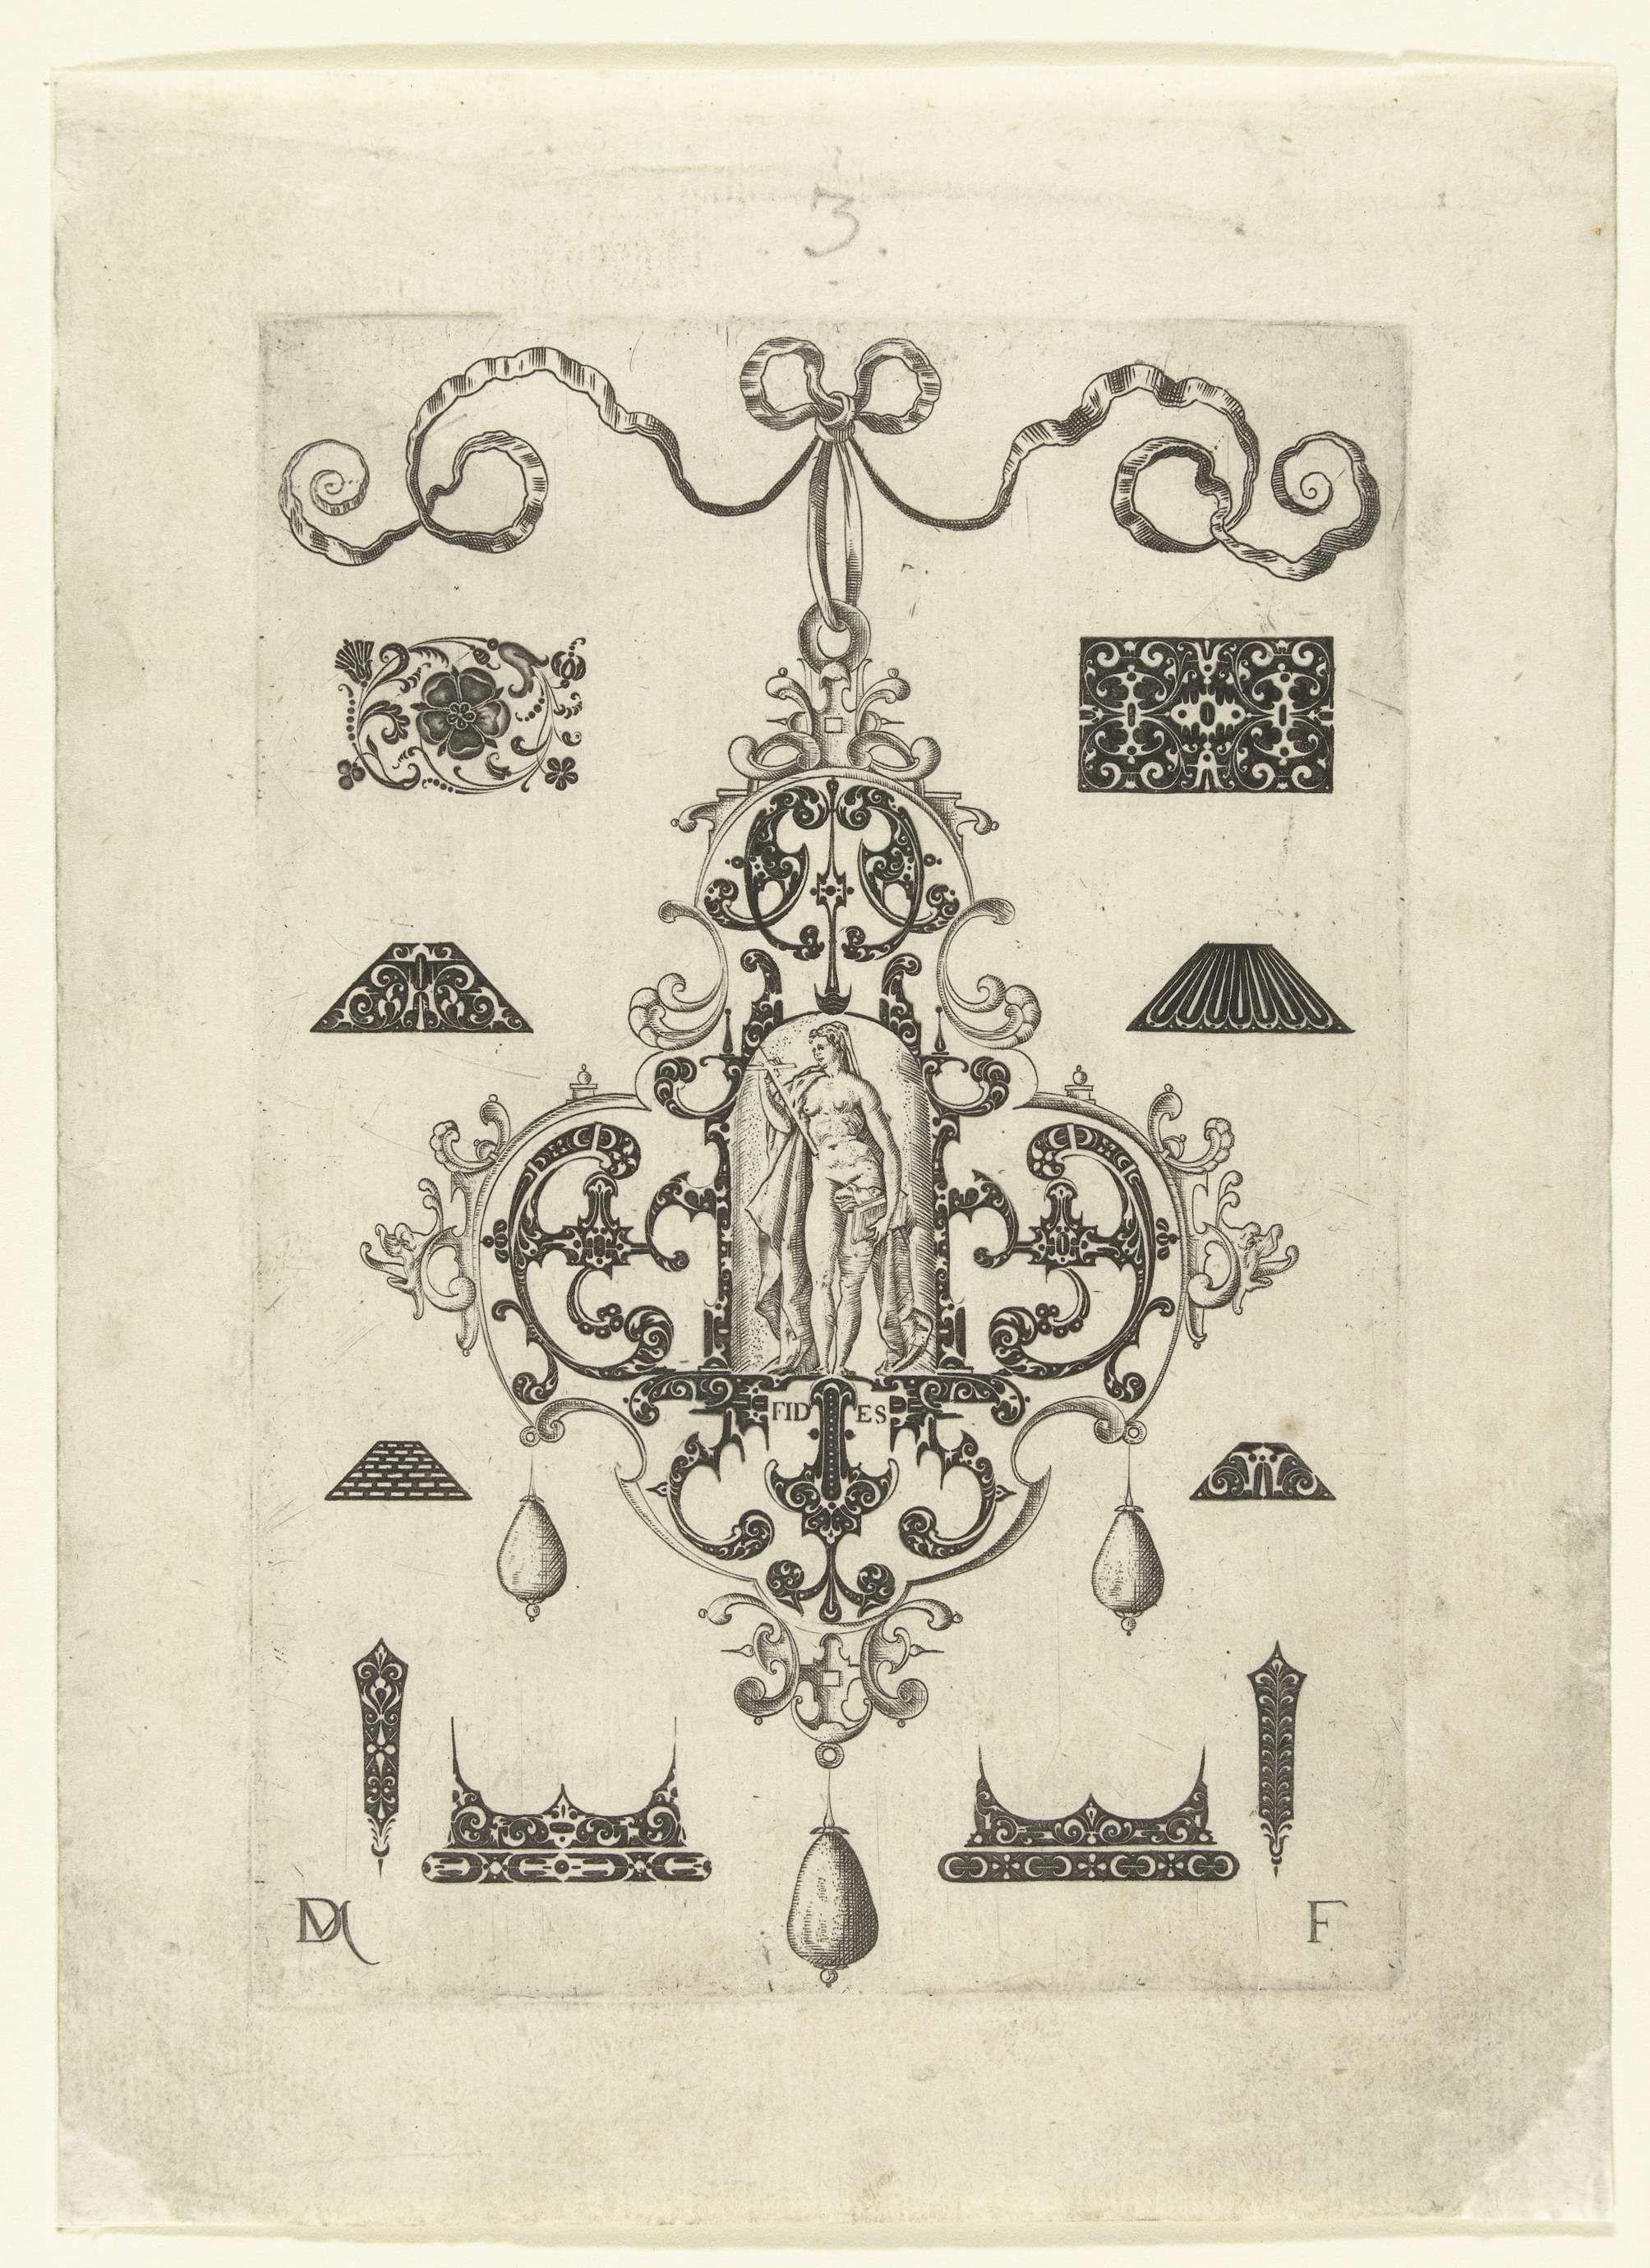 Daniel Mignot | Hanger met Fides, Daniel Mignot, c. 1500 - c. 1600 | Fides in een omlijsting van krulwerk. Blad uit serie van hangers met deugden, bestaande uit een titelblad en 7 bladen. Aan elke hanger hangen drie parels. Om de hangers heen zijn kleine kostuumsieraden weergegeven.